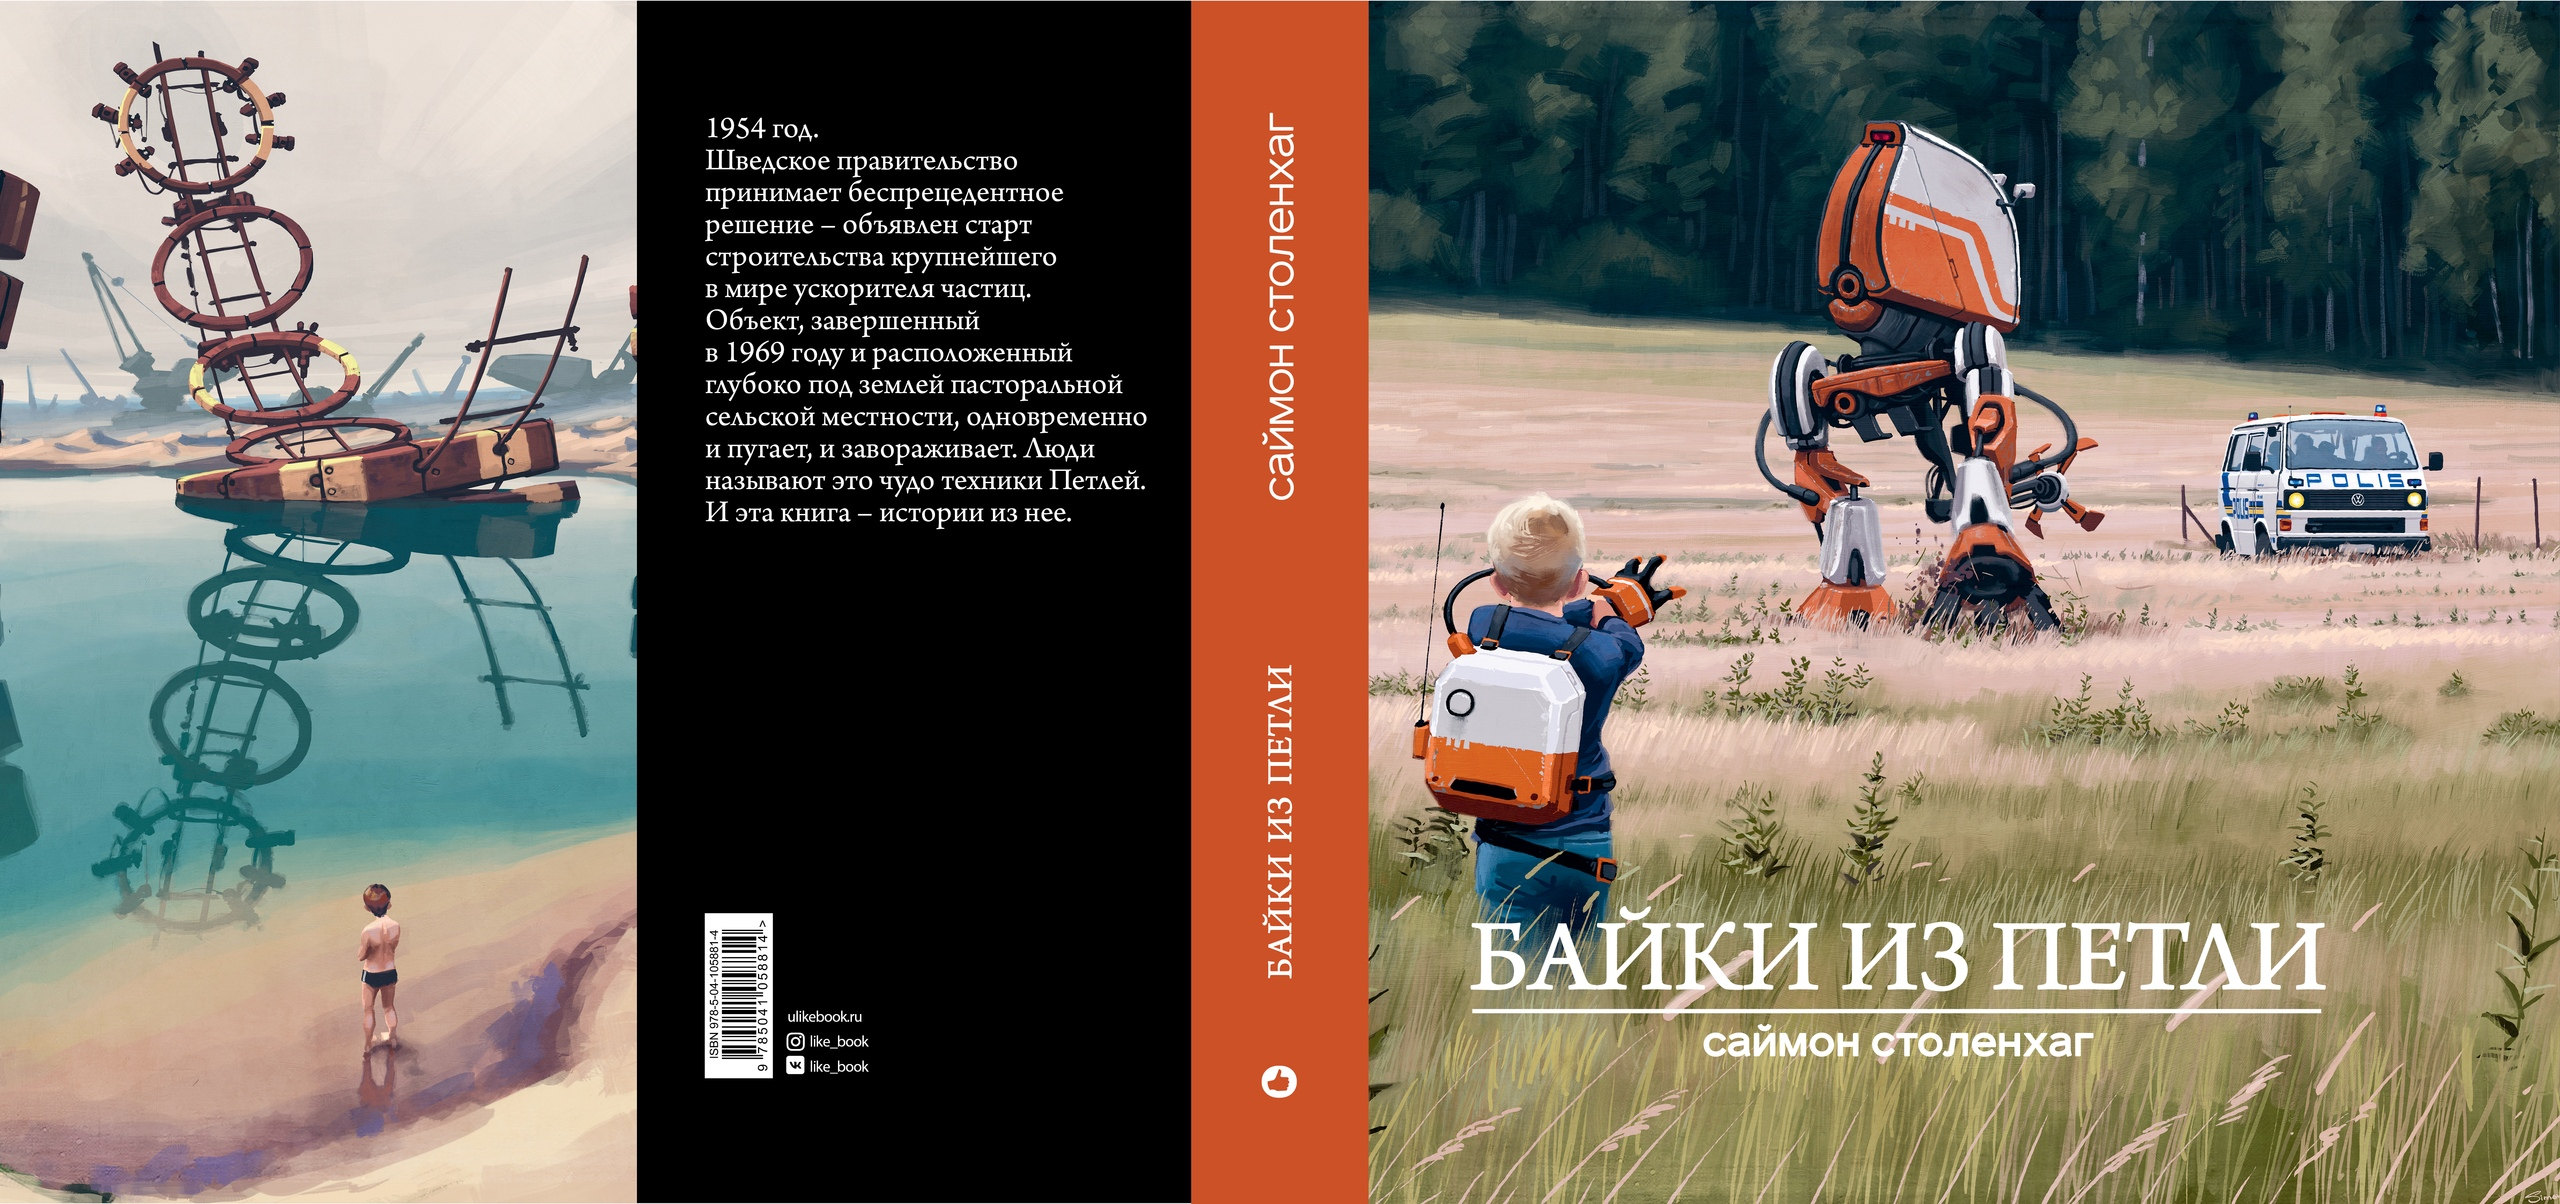 Что почитать: новый омнибус Пратчетта и иллюстрированный роман от автора «Электрического штата» 1